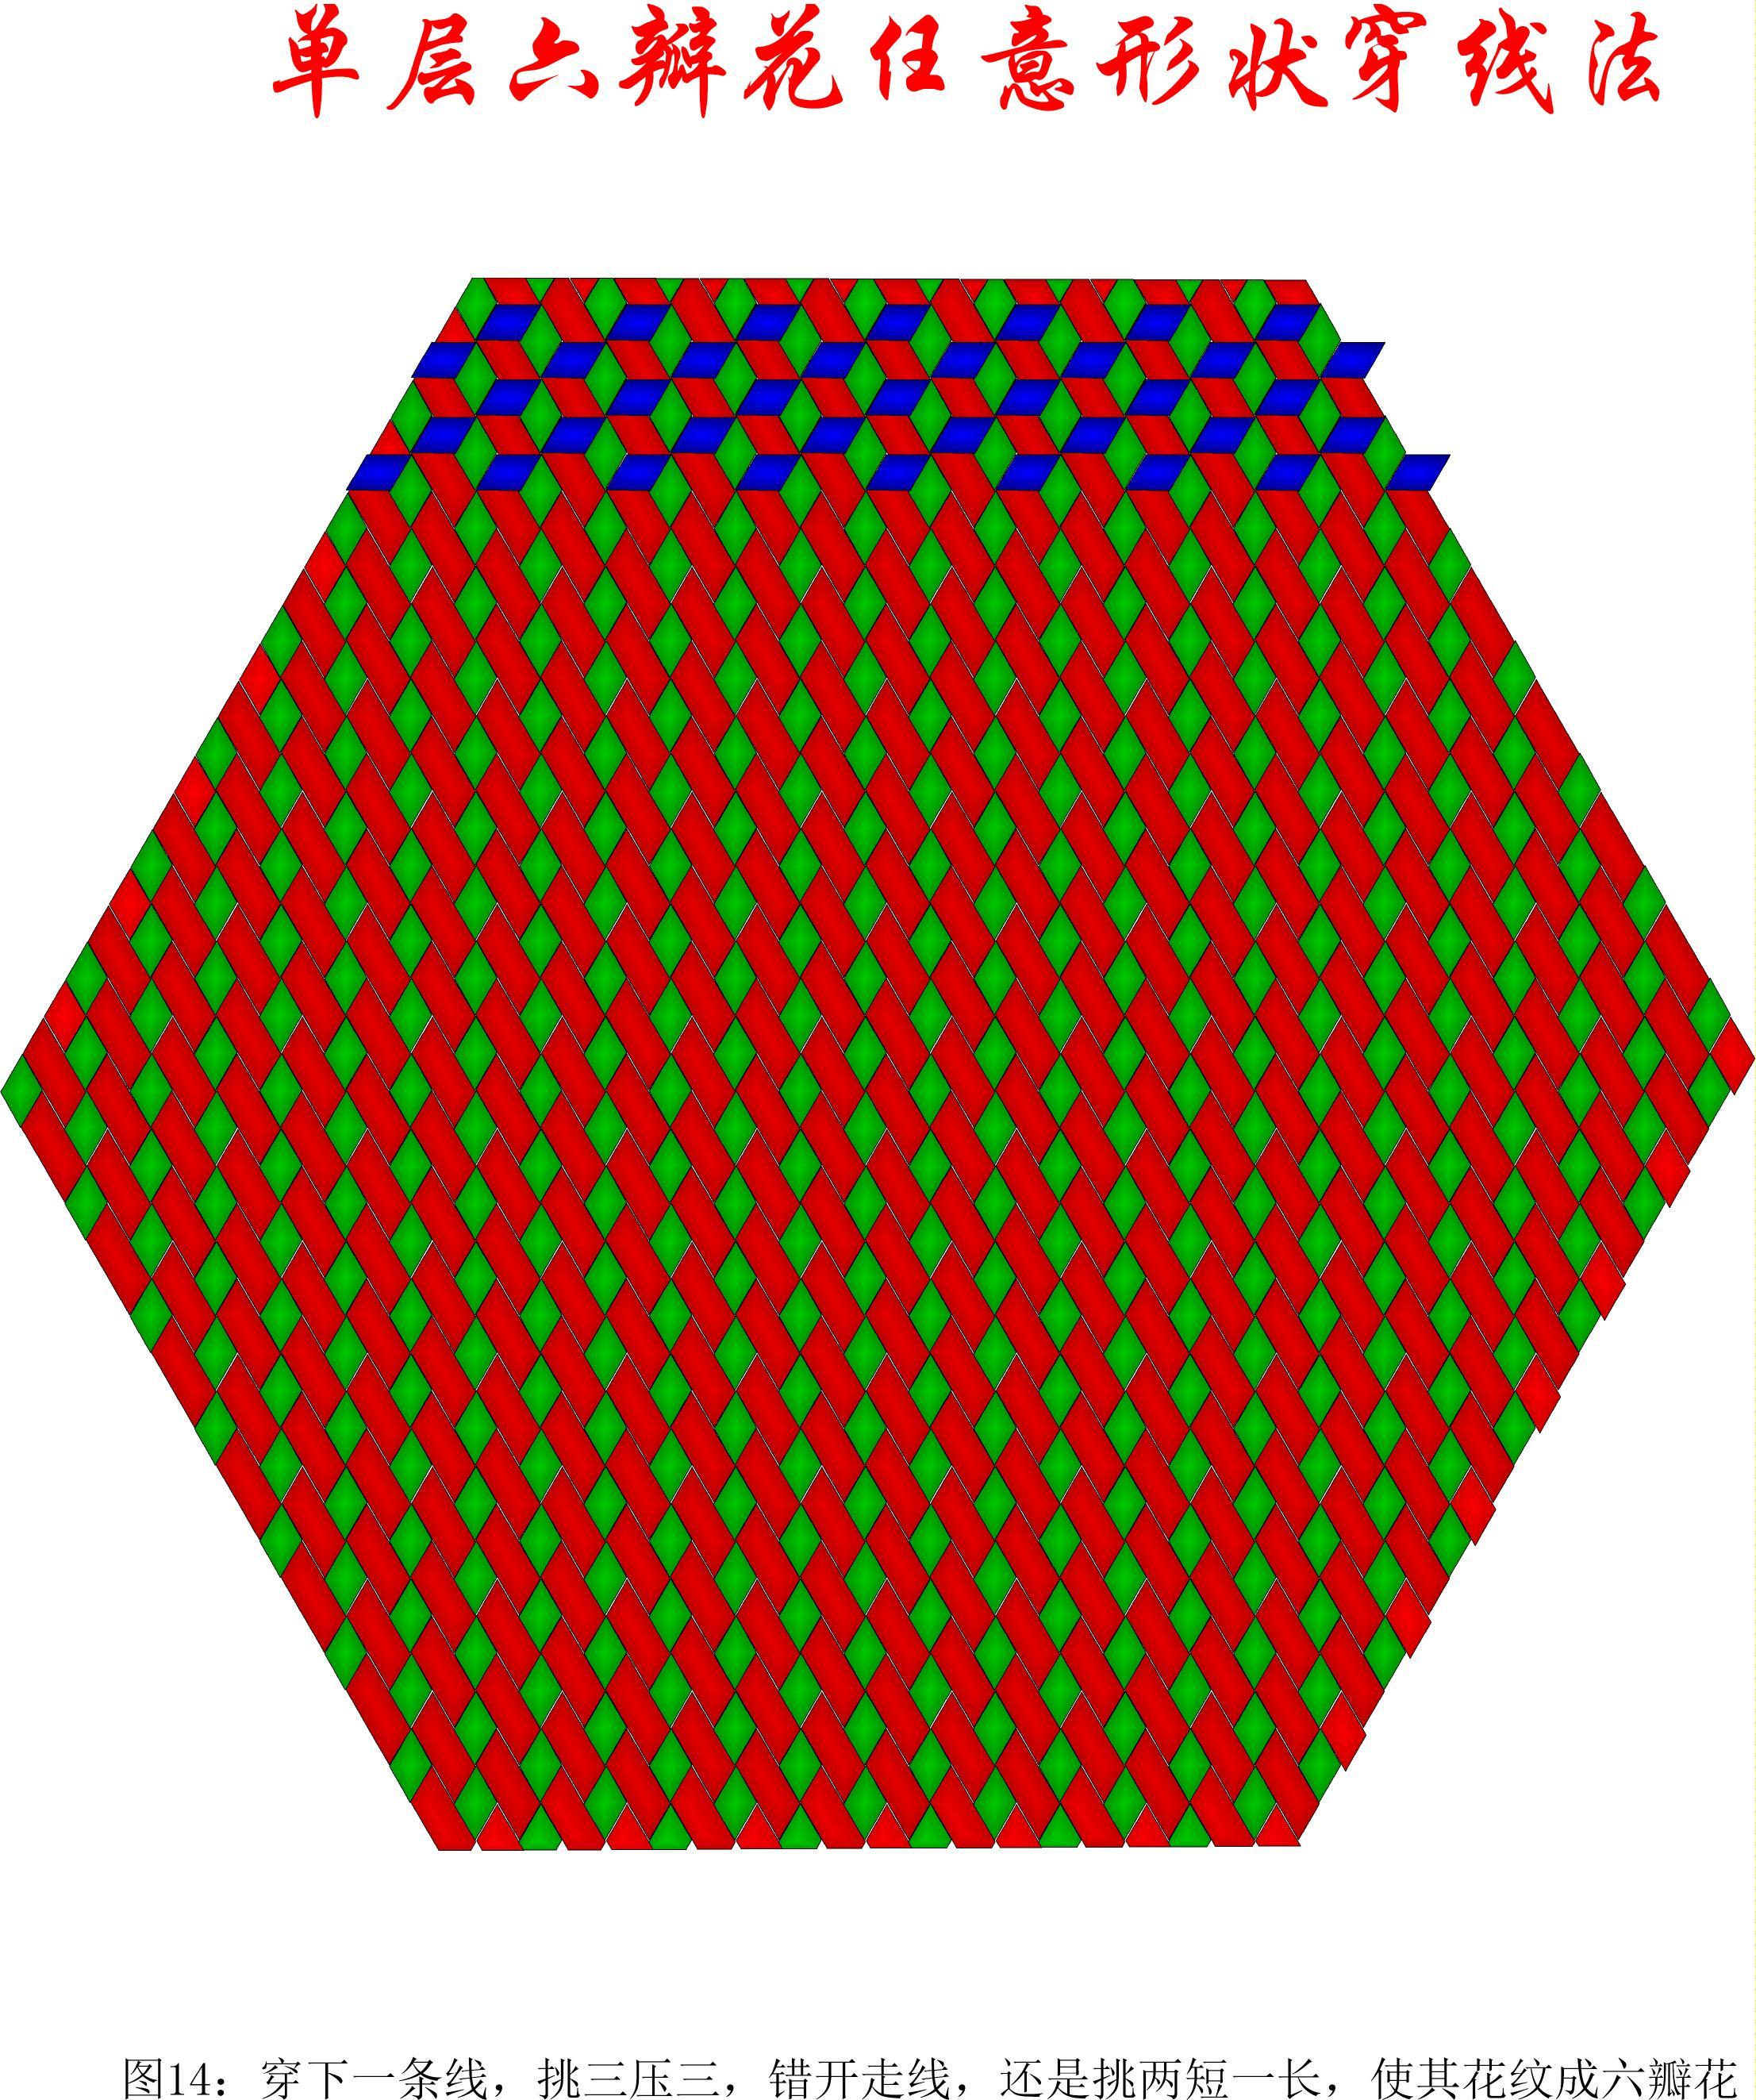 中国结论坛 单层叠压六瓣花任意形状穿线方法 1264,盘长结 丑丑徒手编结 200907tyaba1b7bo2jzbww